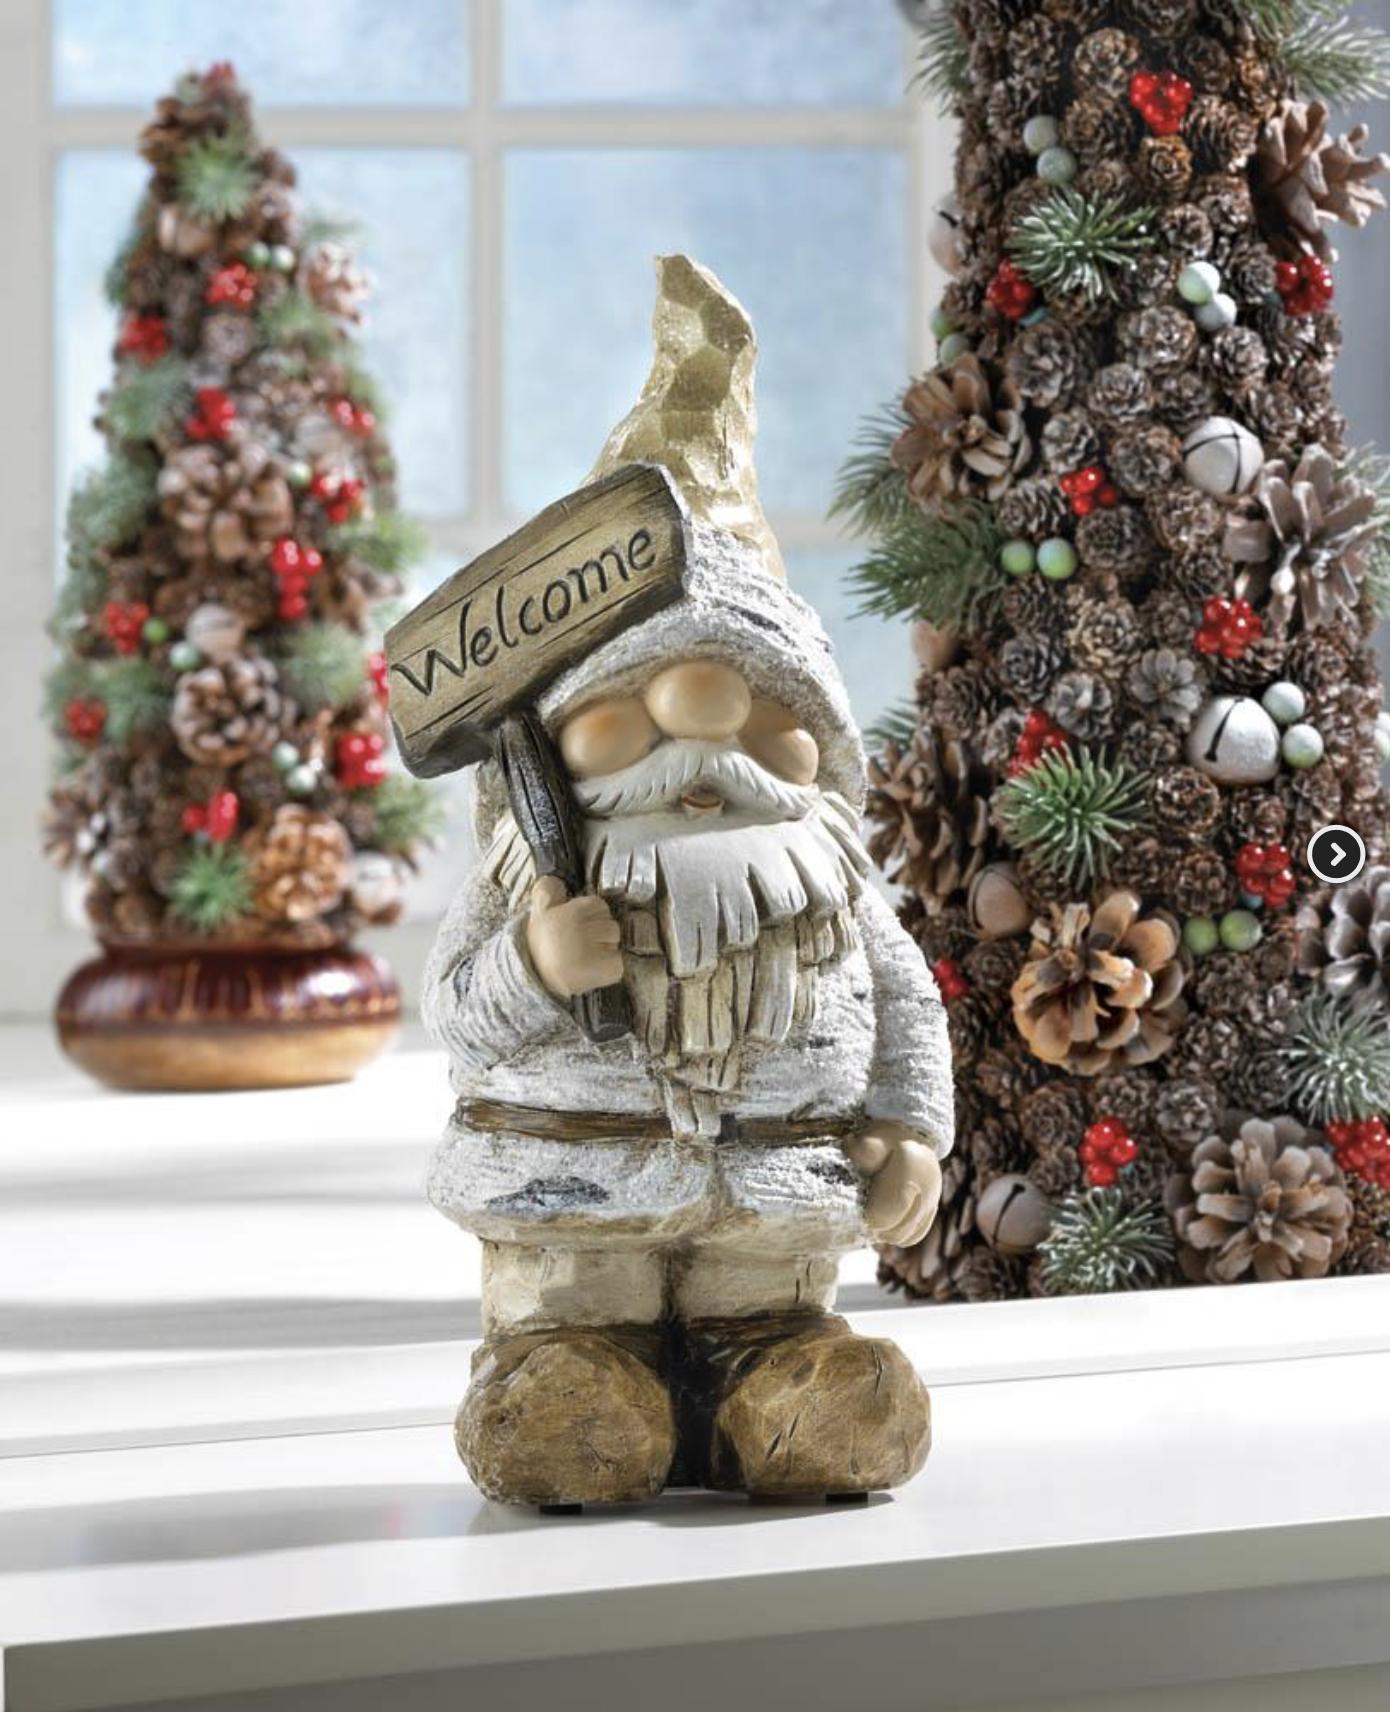 Winter Gnome Figurine Gnome statues, Gnomes, Holiday